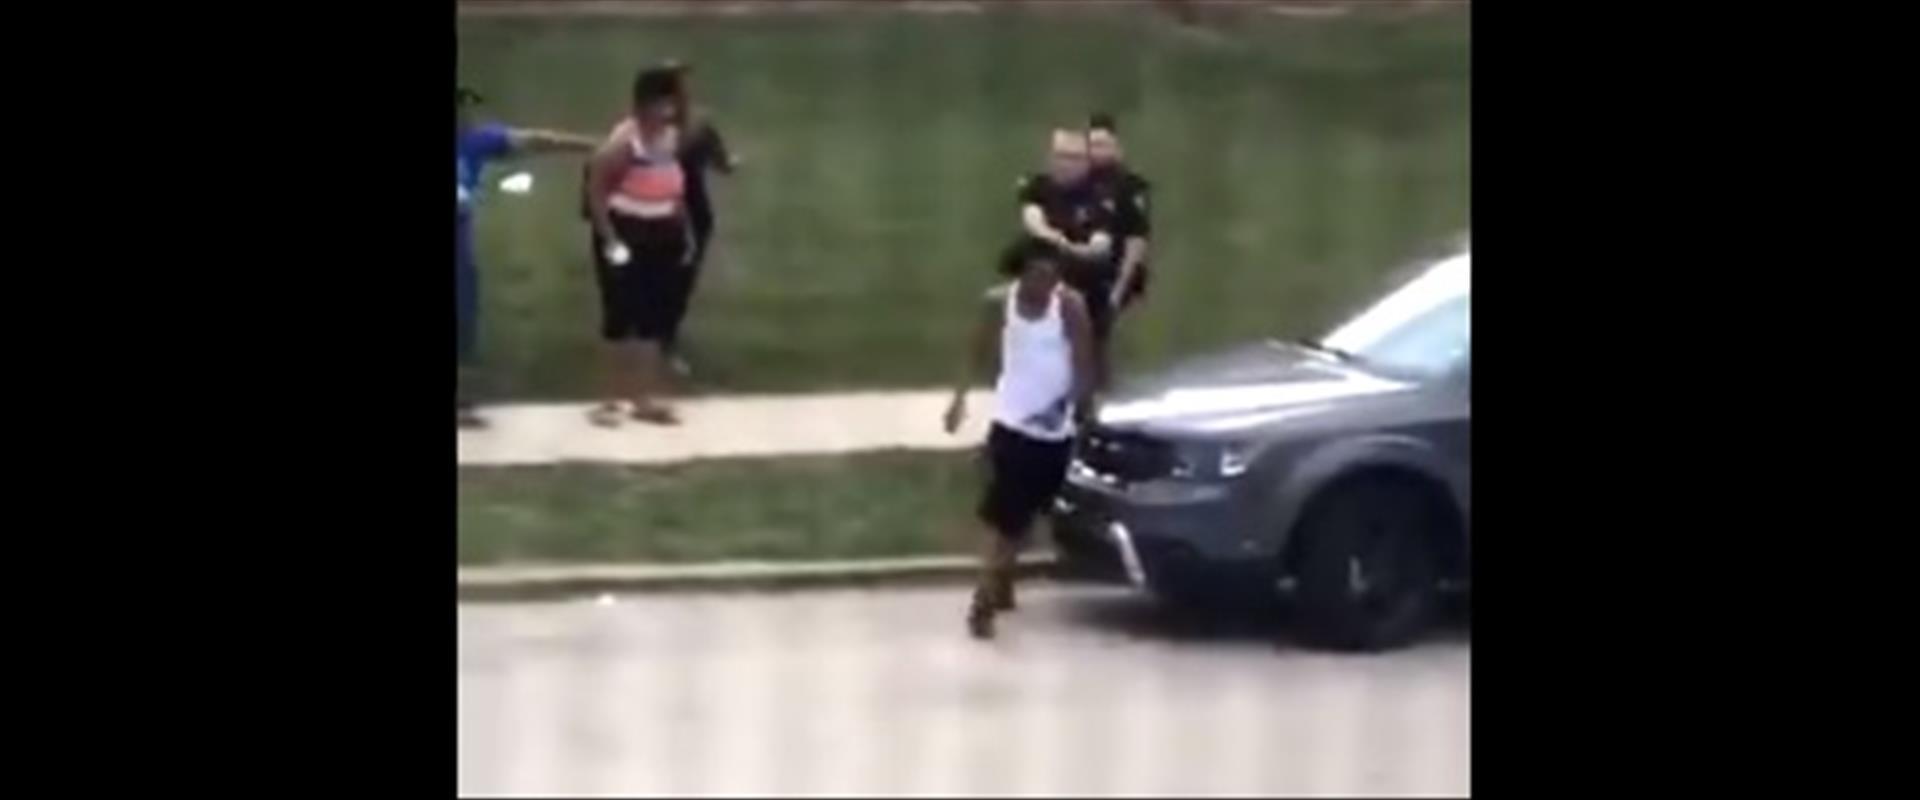 תיעוד של שוטרים יורים באדם שחור בוויסקונסן